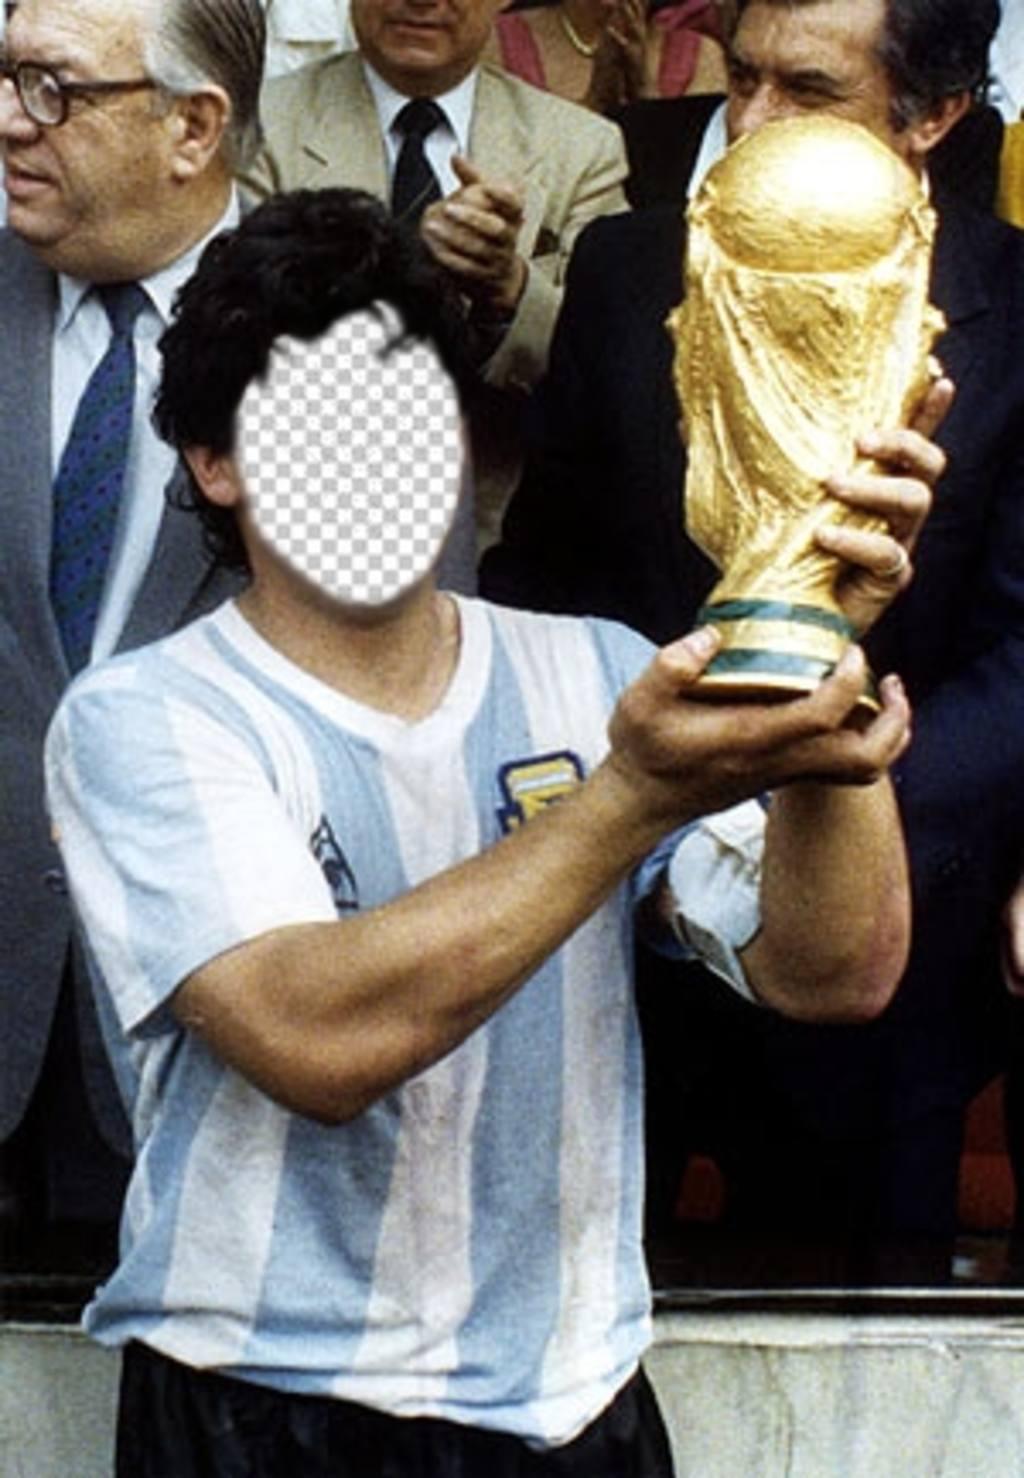 Devenir à Diego Armando Maradona levage football